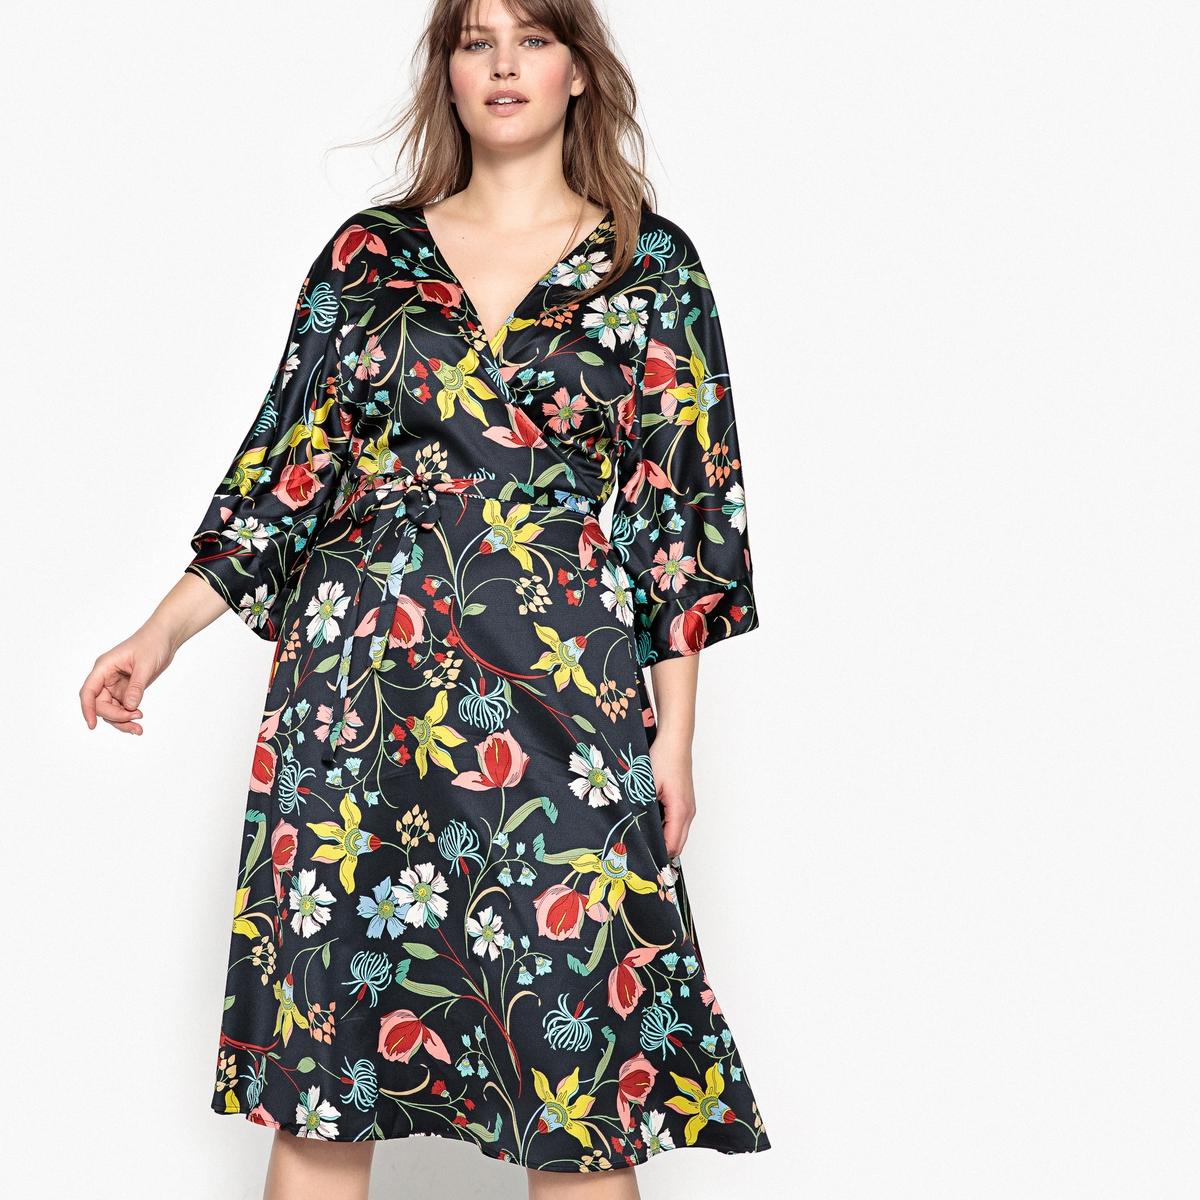 Платье средней длины расклешённое с цветочным рисункомОписание:Вам непременно понравится это современное платье с цветочным рисунком. Невероятно женственное, это платье с короткими рукавами присоединится к Вашему гардеробу. Детали •  Форма : расклешенная •  Длина до колен •  Короткие рукава    •   V-образный вырез •  Цветочный рисунокСостав и уход •  100% полиэстер •  Температура стирки 30° на деликатном режиме •  Сухая чистка и отбеливание запрещены •  Не использовать барабанную сушку •  Низкая температура глажкиТовар из коллекции больших размеров •  Длина : 113,8 см<br><br>Цвет: набивной рисунок